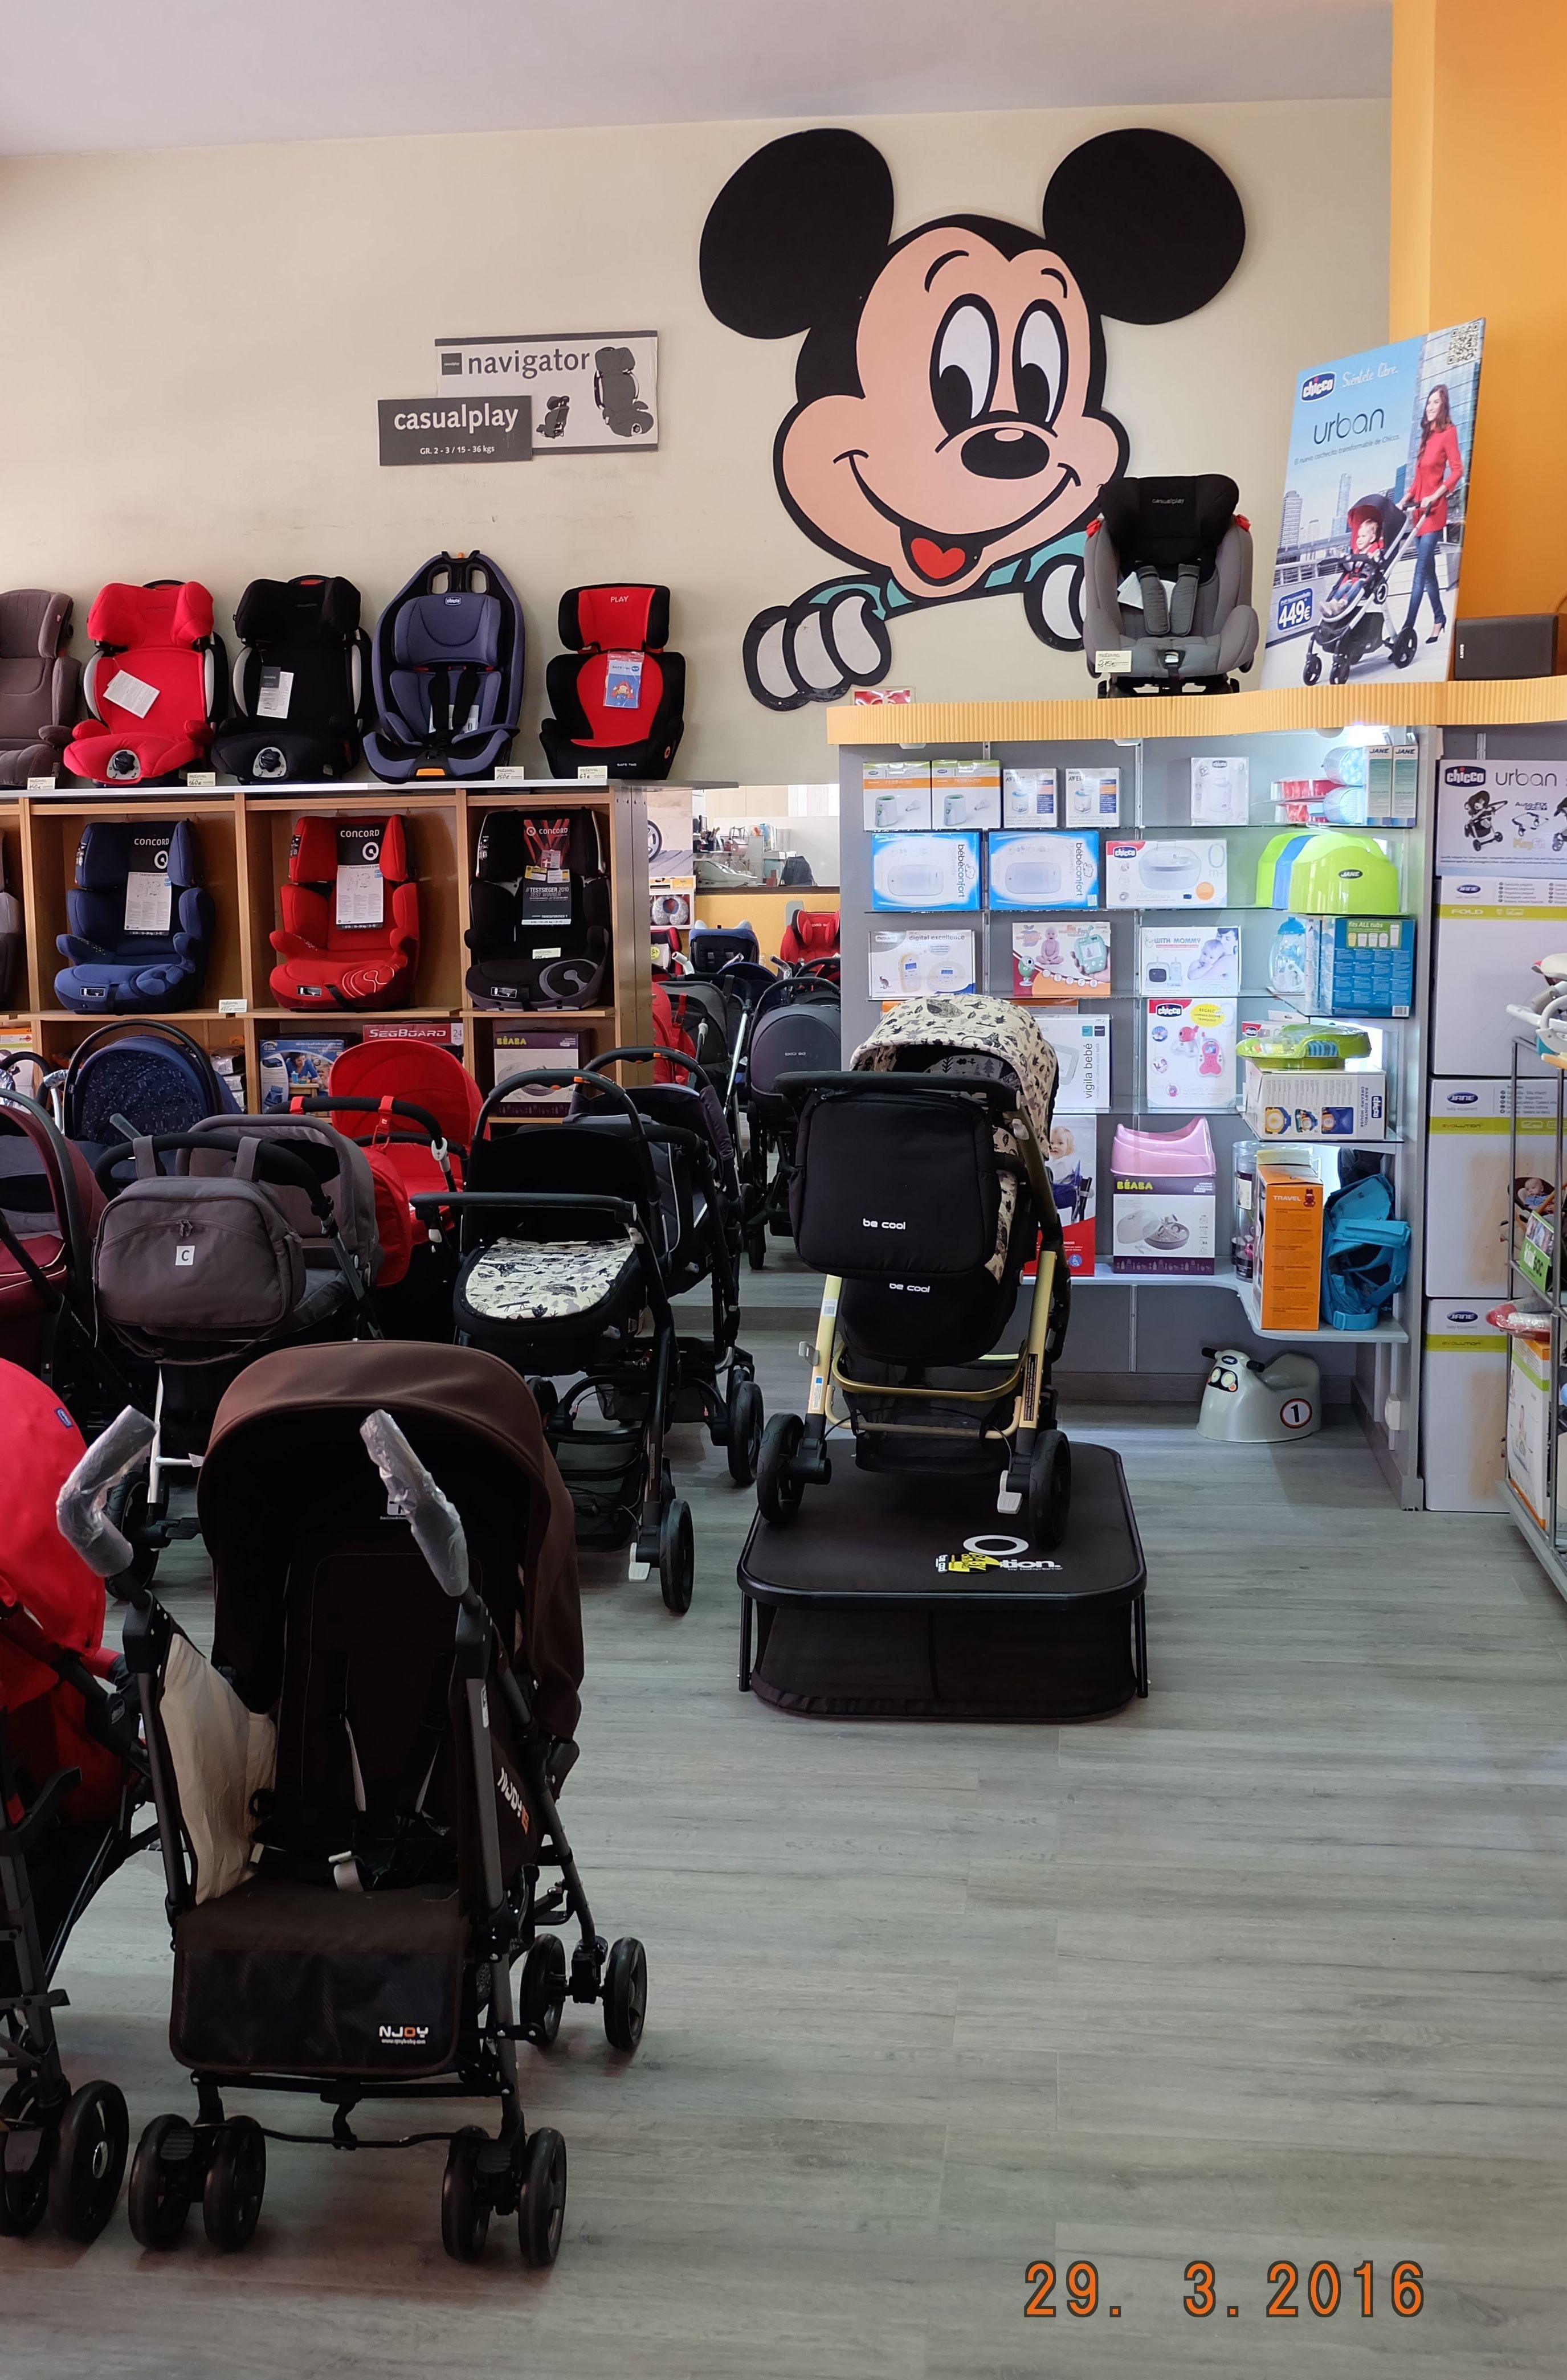 Foto 36 de Mobiliario infantil en L'Hospitalet de Llobregat | Materna|Productos para bebé con los precios más bajos